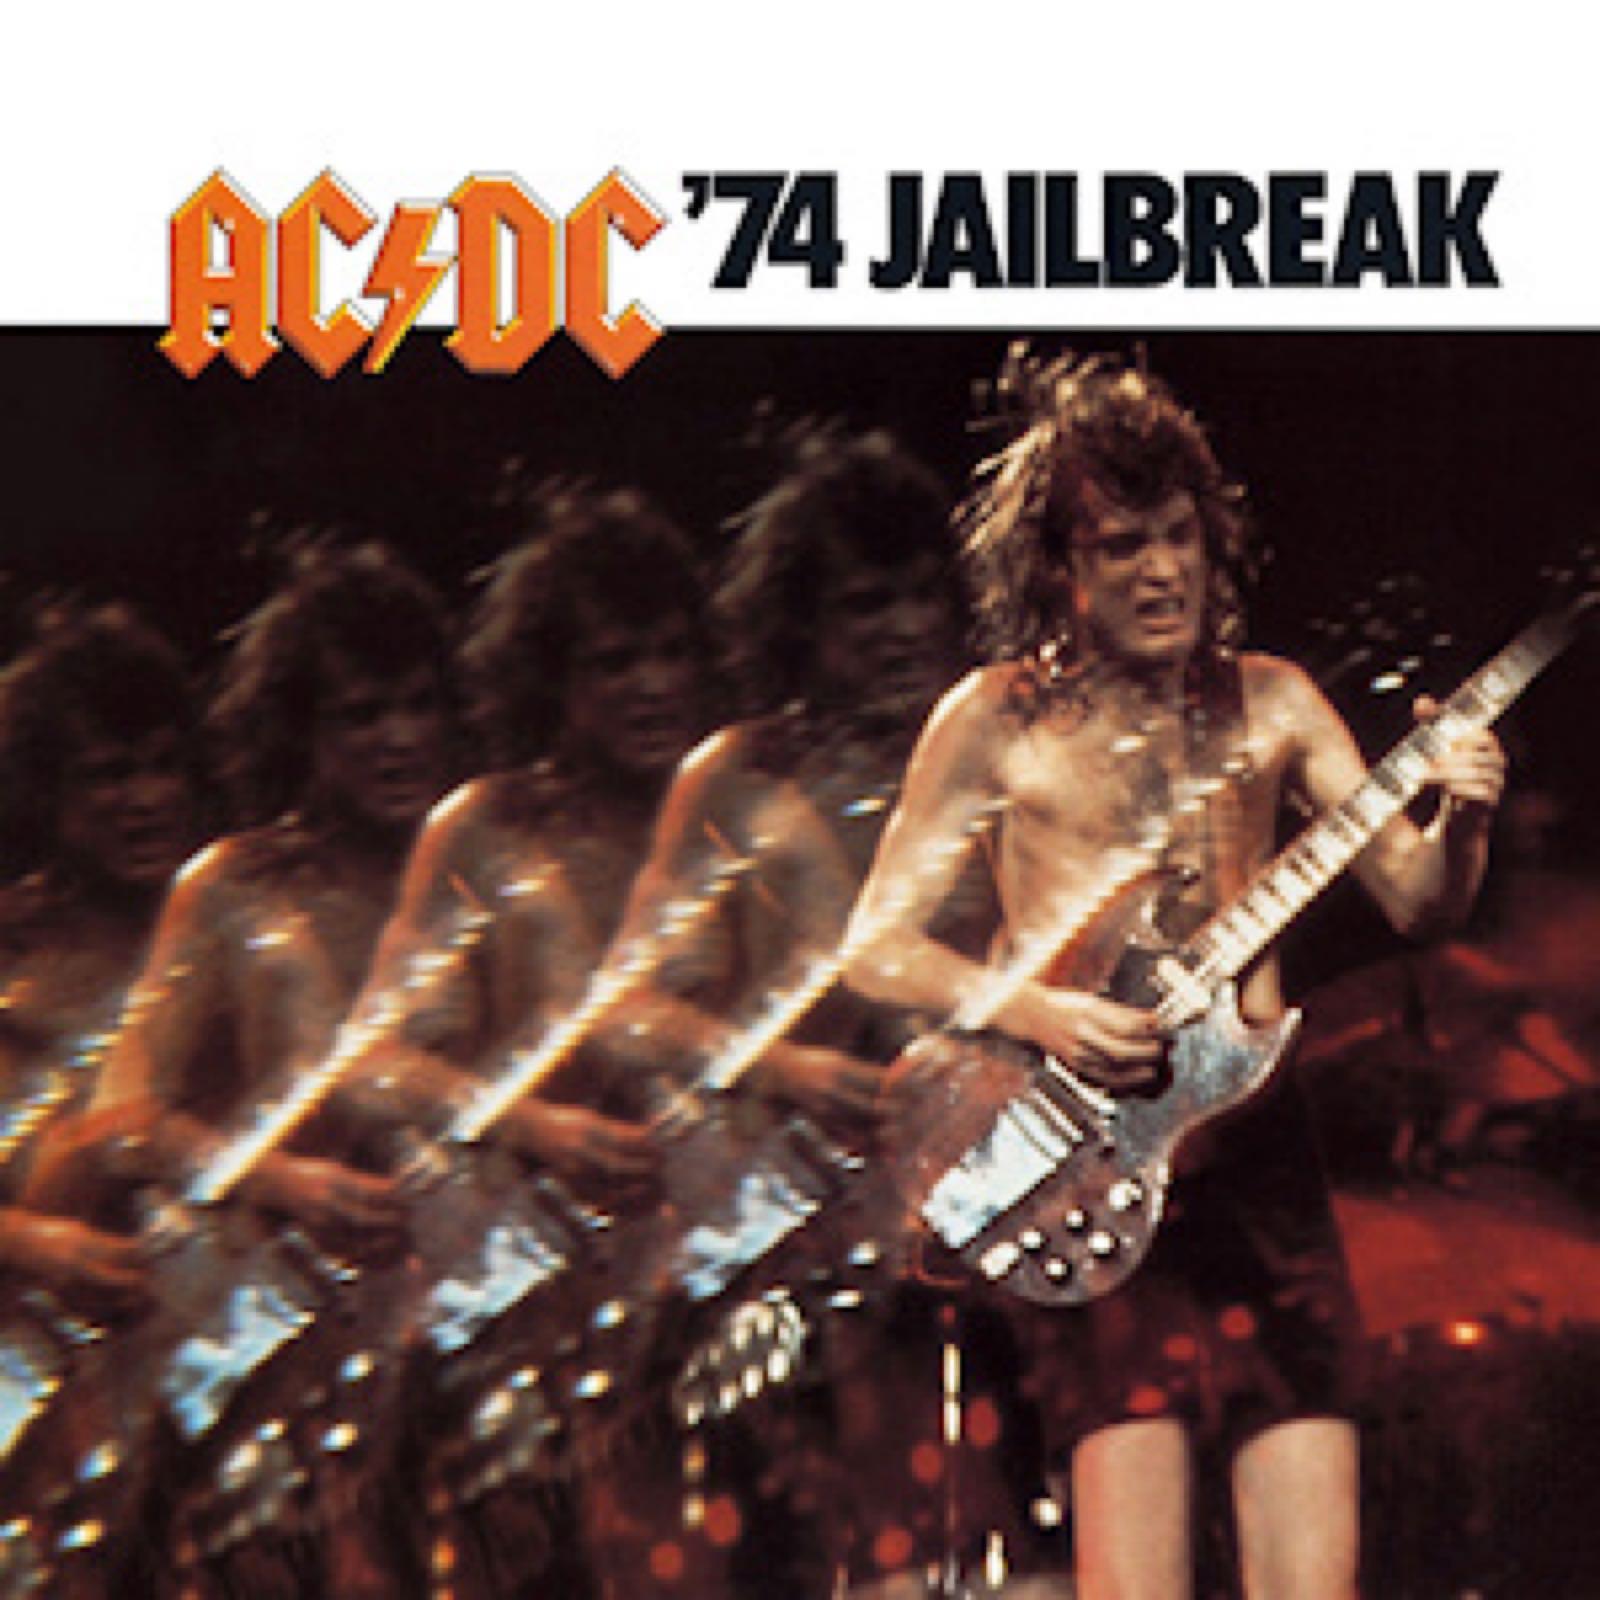 AC/DC - '74 Jailbreak [LP]